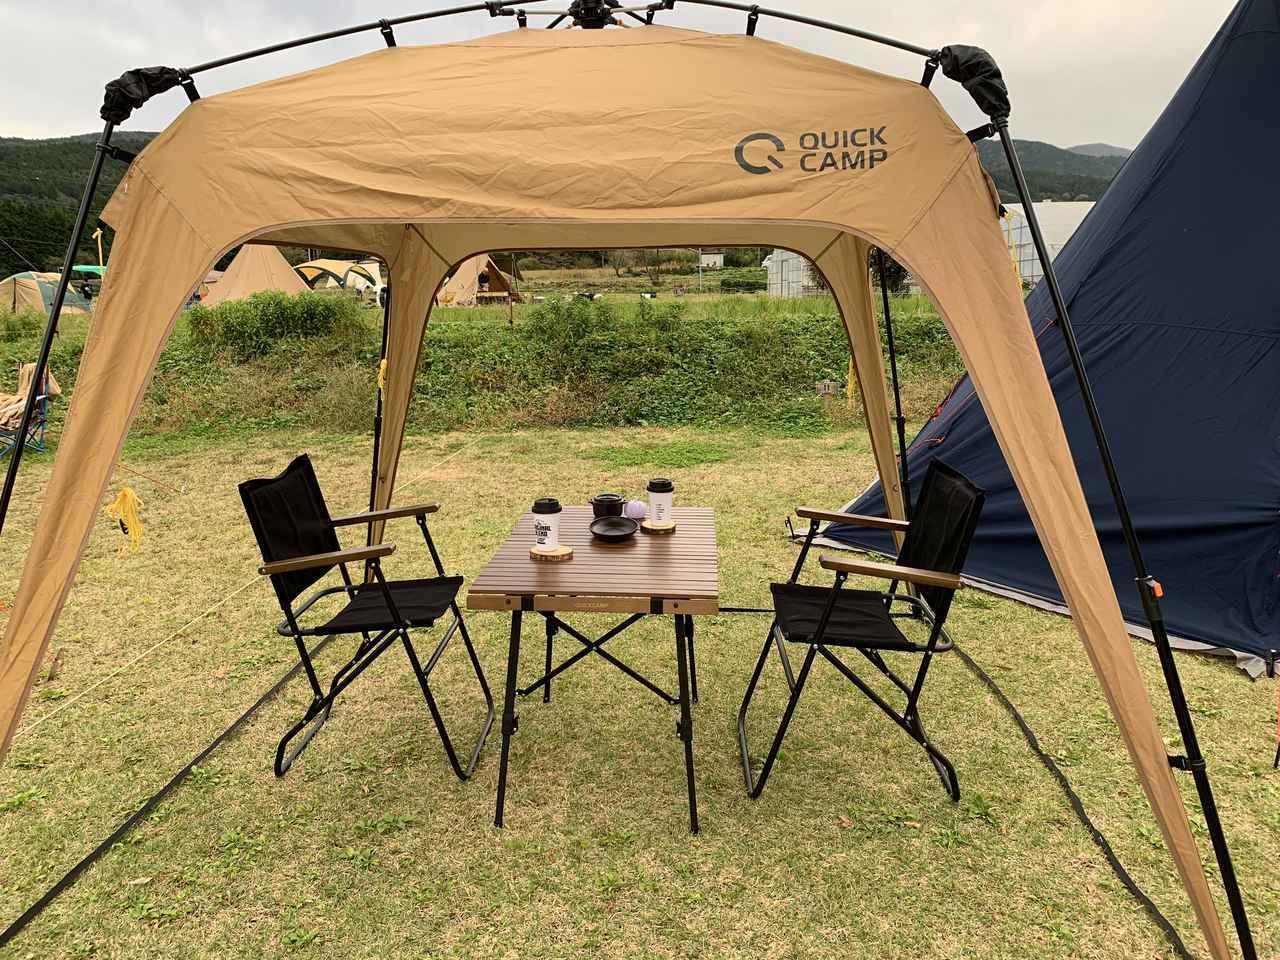 画像: クイックキャンプのタープ・テーブル・チェアを検証! 家族デイキャンプで使ってみた - ハピキャン|キャンプ・アウトドア情報メディア